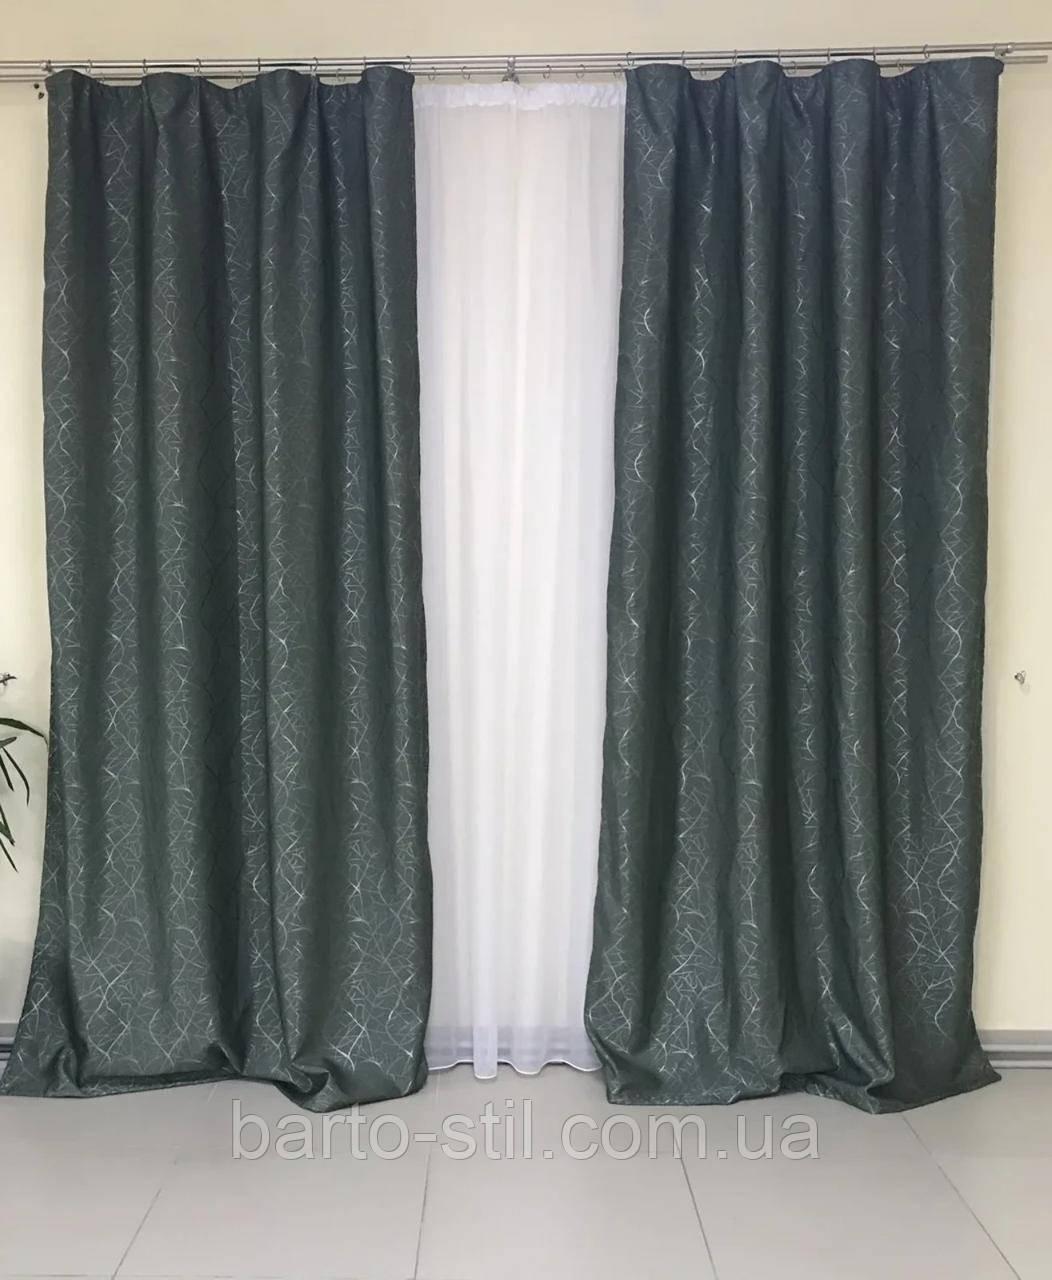 Комплект готовых штор из ткани лён софт Высота 2.7 м.